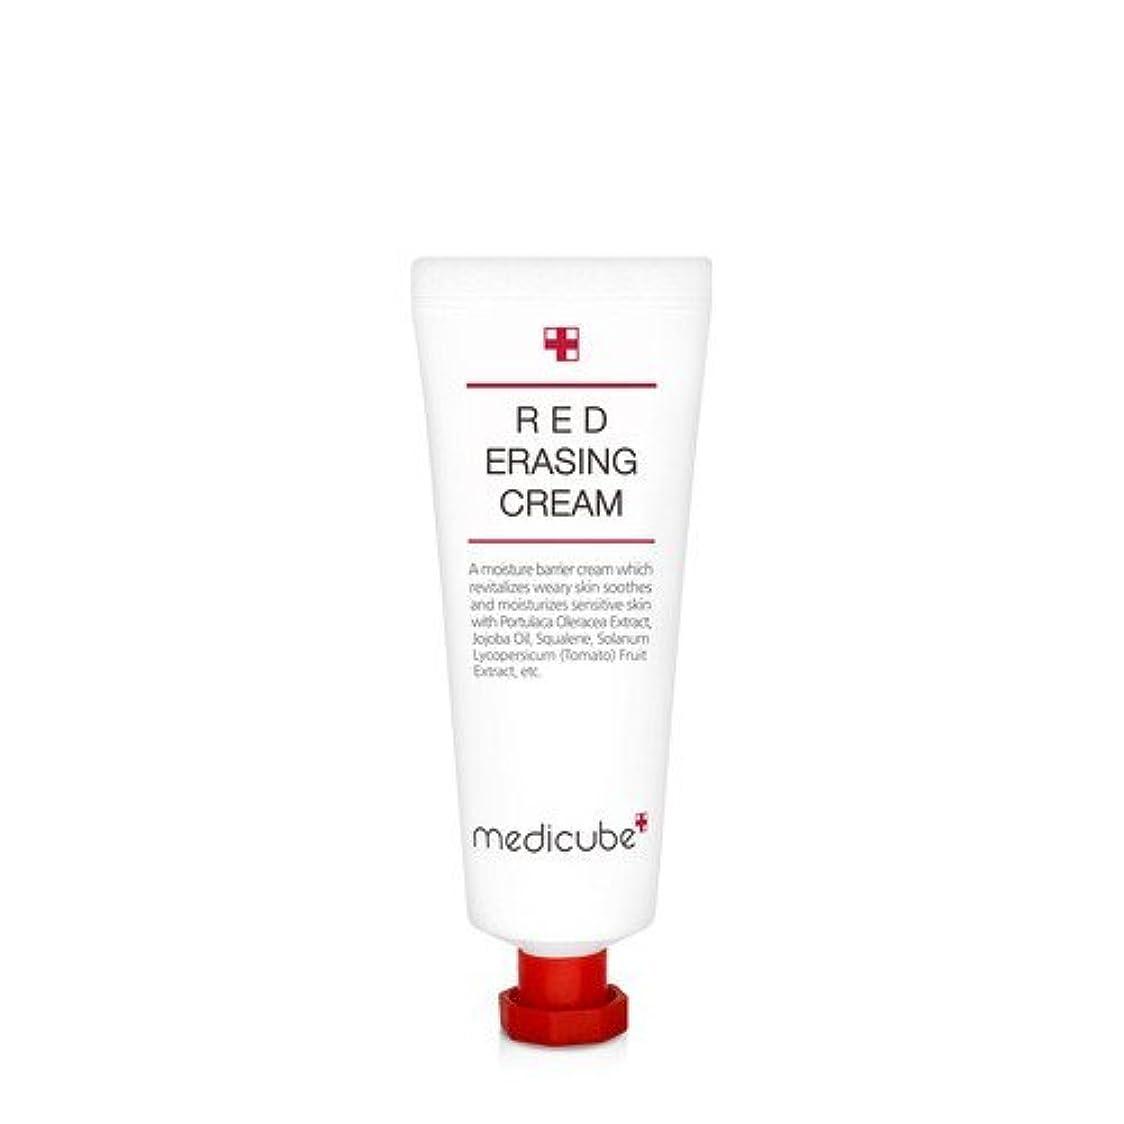 廊下ネブ虎[Medicube]Red Erasing Cream 50g / メディキューブレッドイレイジングクリーム / 正品?海外直送商品 [並行輸入品]